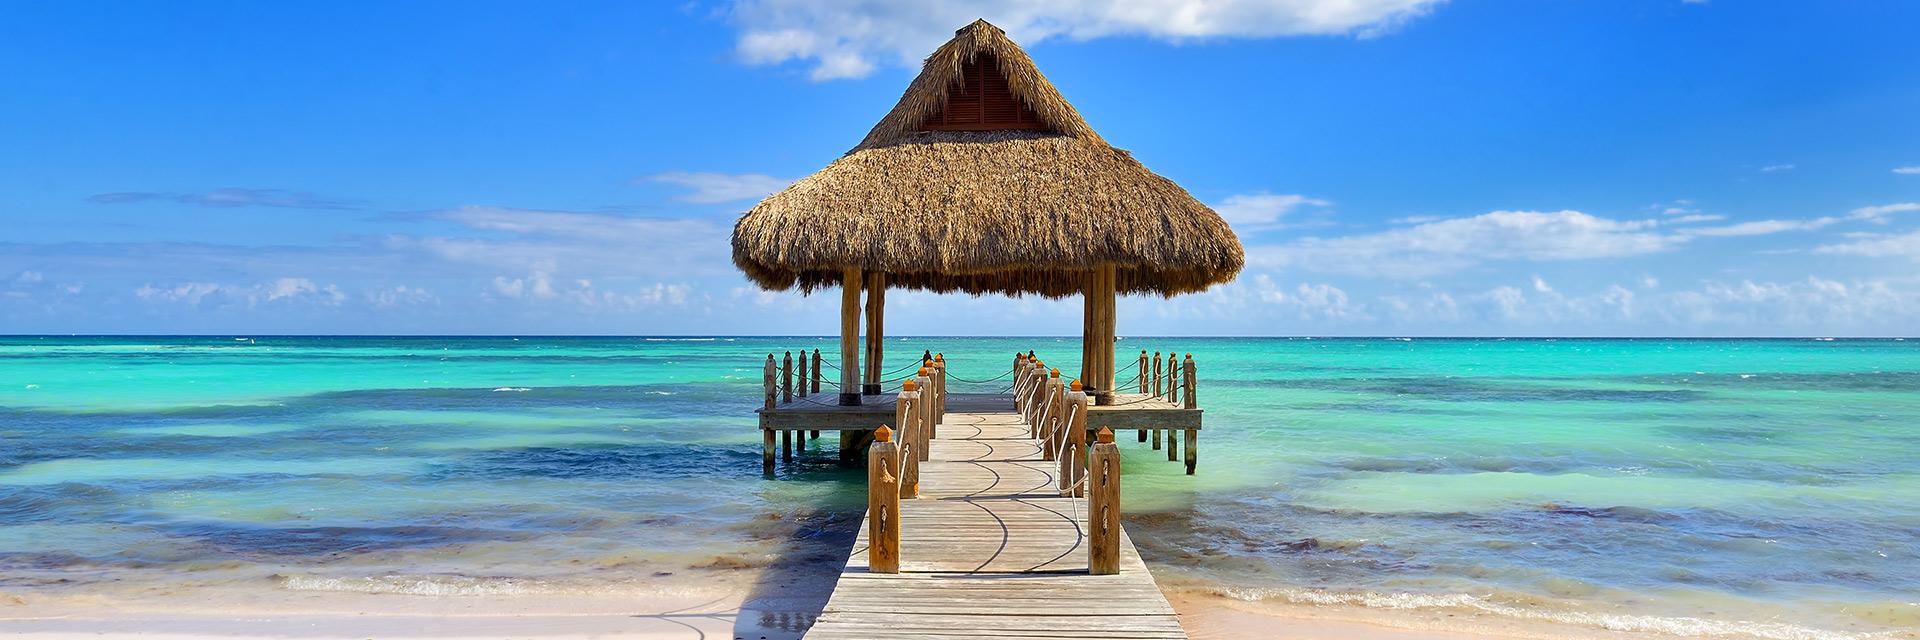 French Blue ouvre à Paris - Punta Cana à partir de 149€ A/S